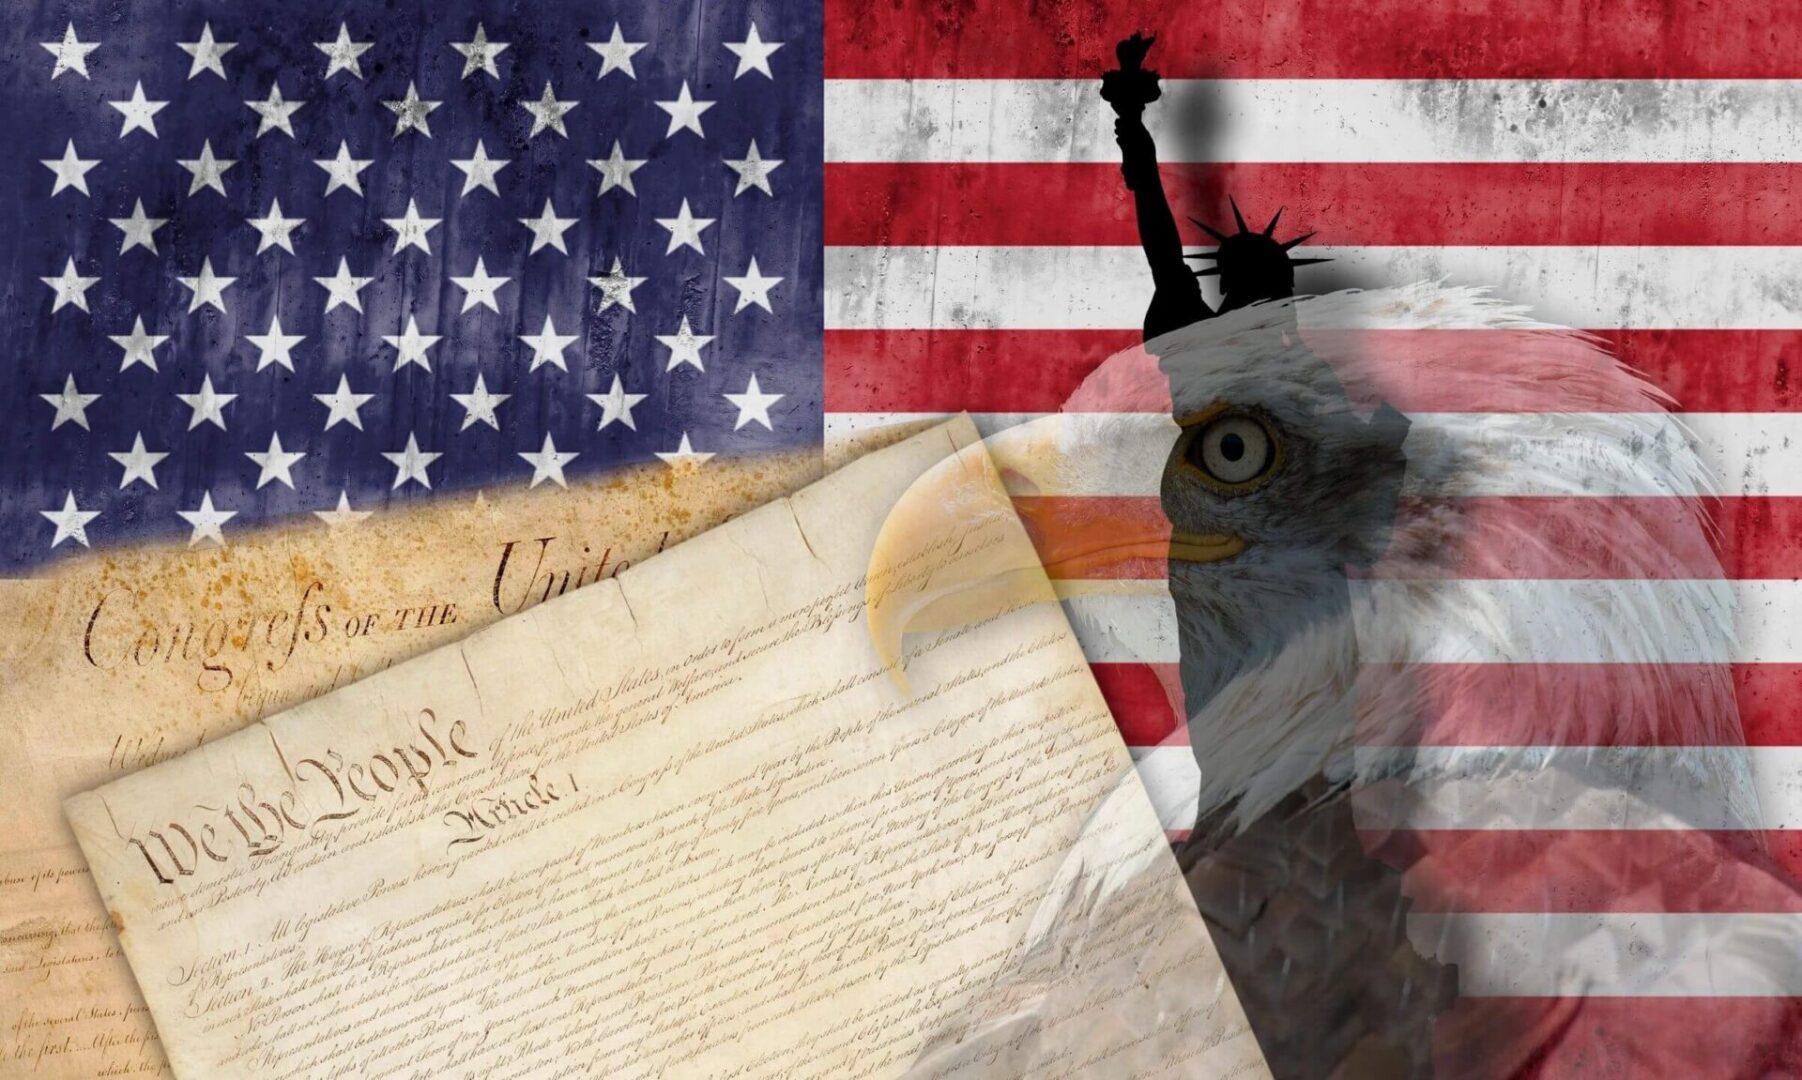 Campaign 4 America